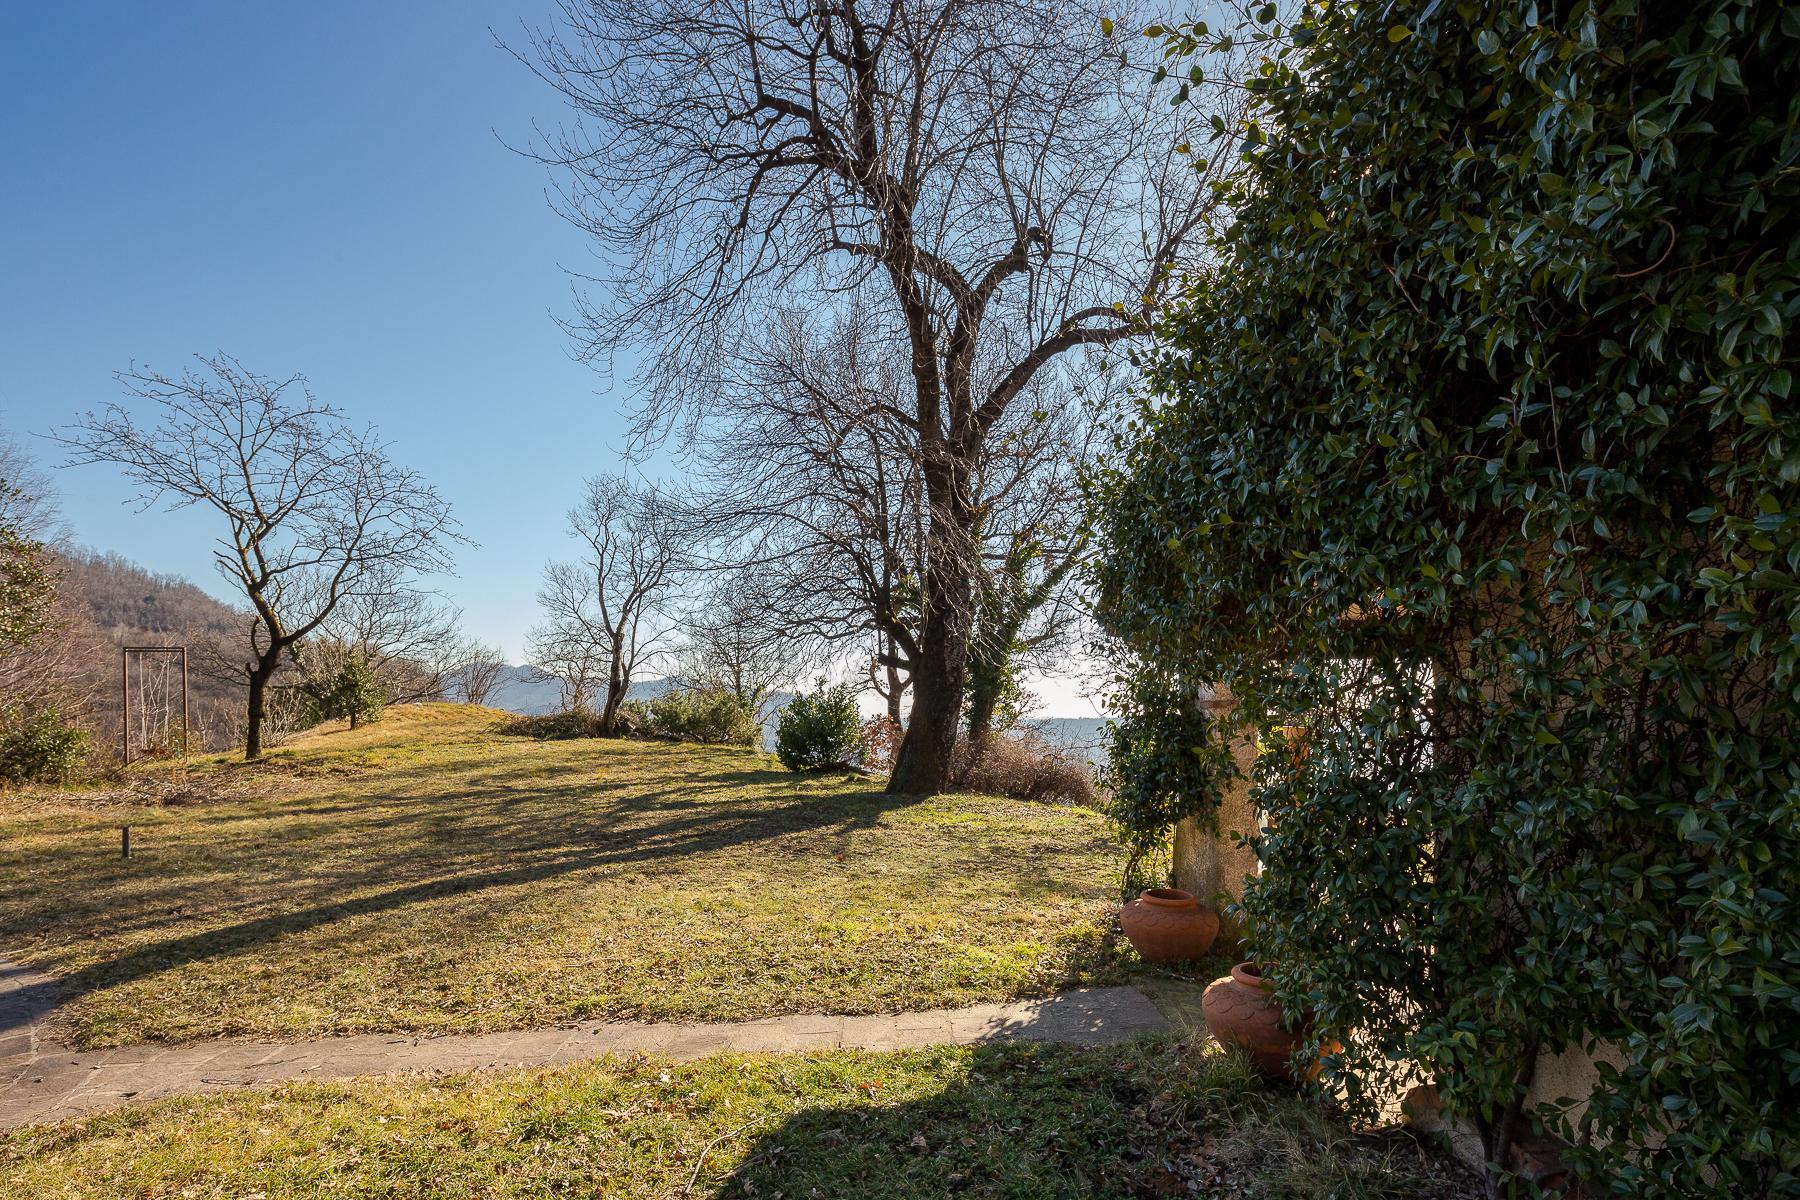 Bella villa con giardino e vista mozzafiato - 16